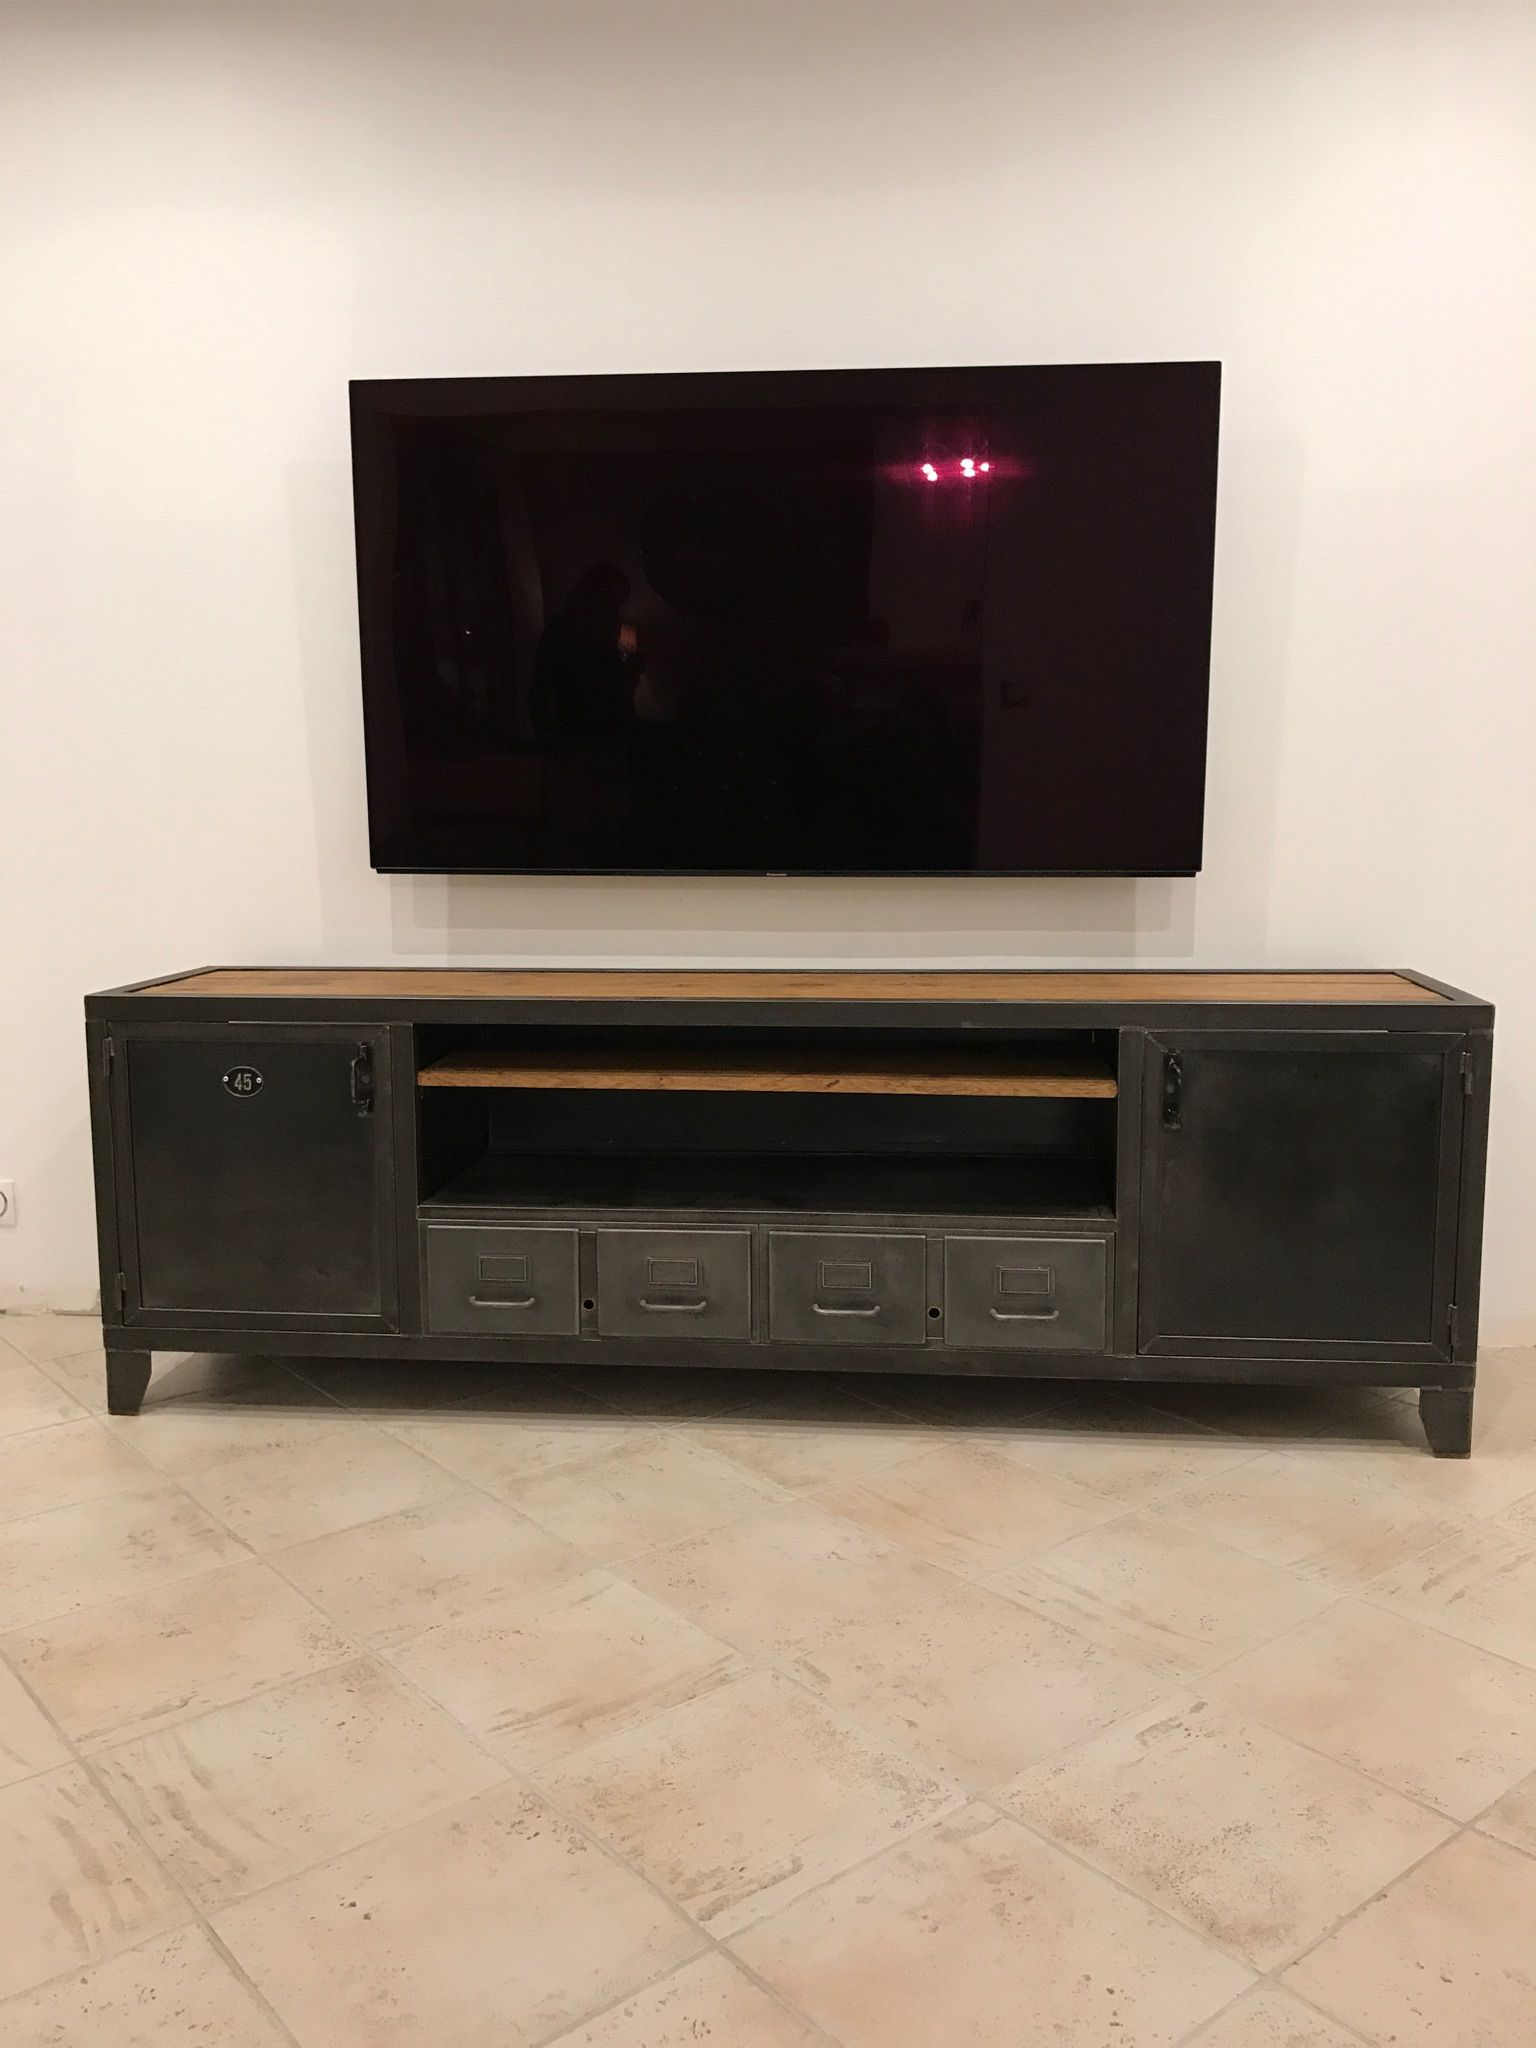 Meuble Banc Tv Industriel Usine Atelier L Or Du Temps Ldt Decoration Salon Cocooning Meuble Banc Meuble Tv